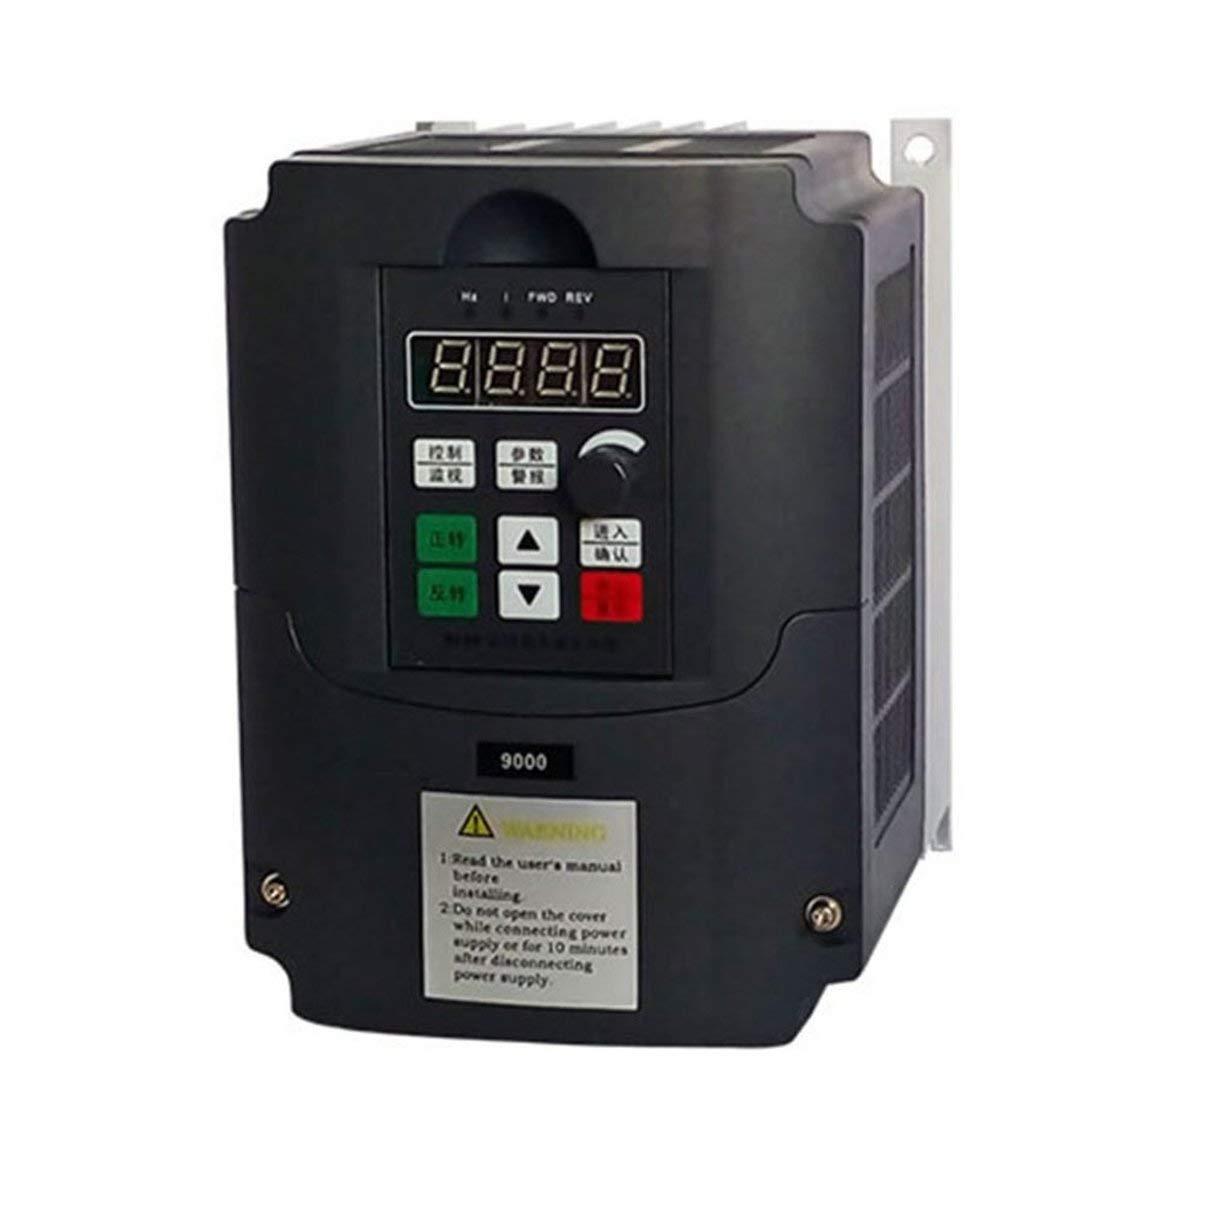 380 V 2.2KW Frequenzumrichter, 380 V 2.2KW 3 Phase AC Frequenzumrichter Vector Control Einstellbarer Drehzahlregler 5A Frequenzumrichter Wafalano